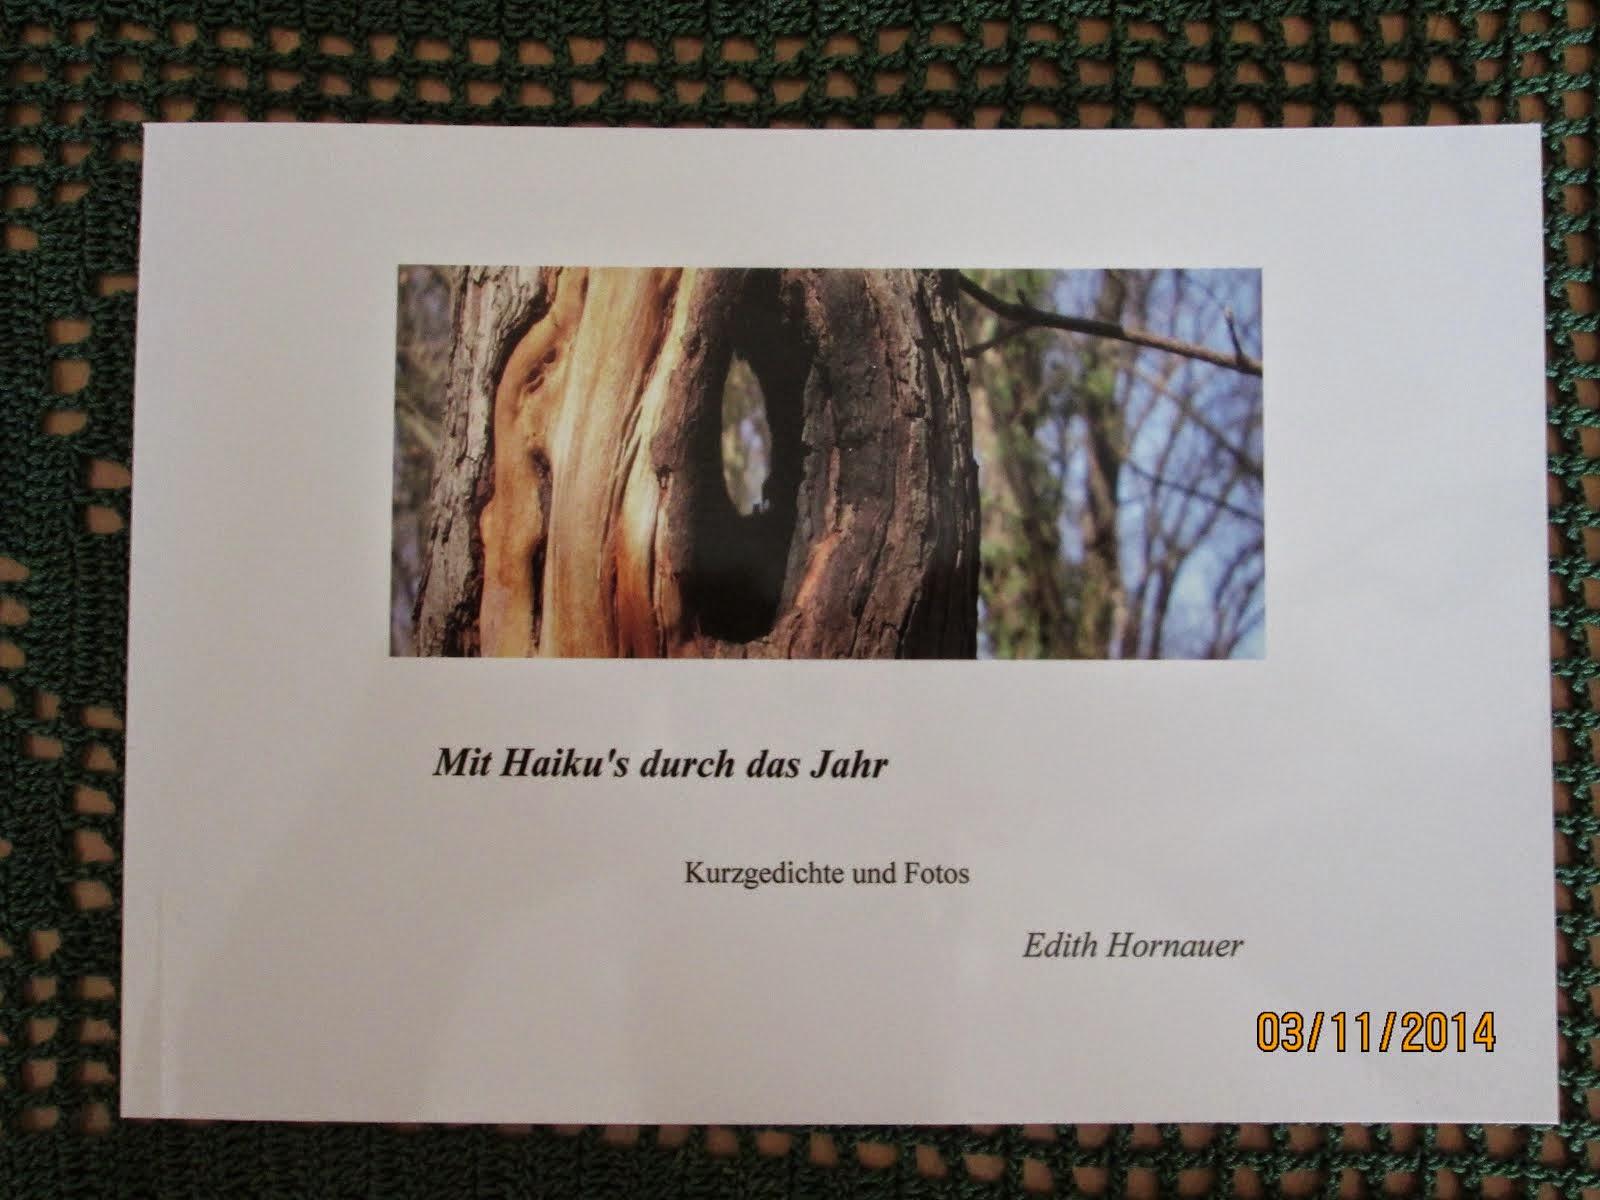 Mit Haiku's durch das Jahr